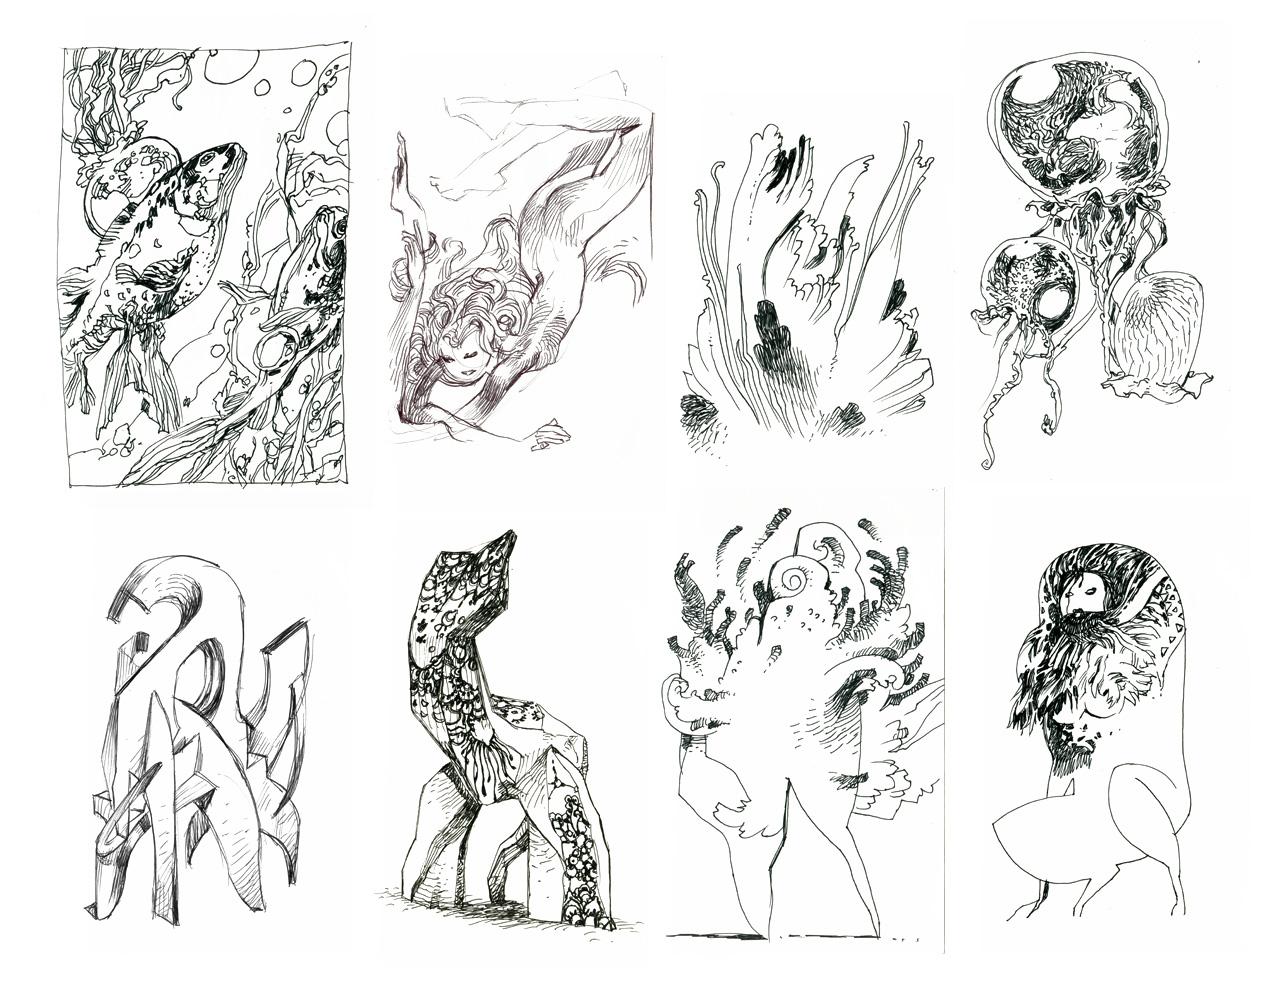 [bank] Les artistes que vous adorez - Page 5 CarnetMuji+P02